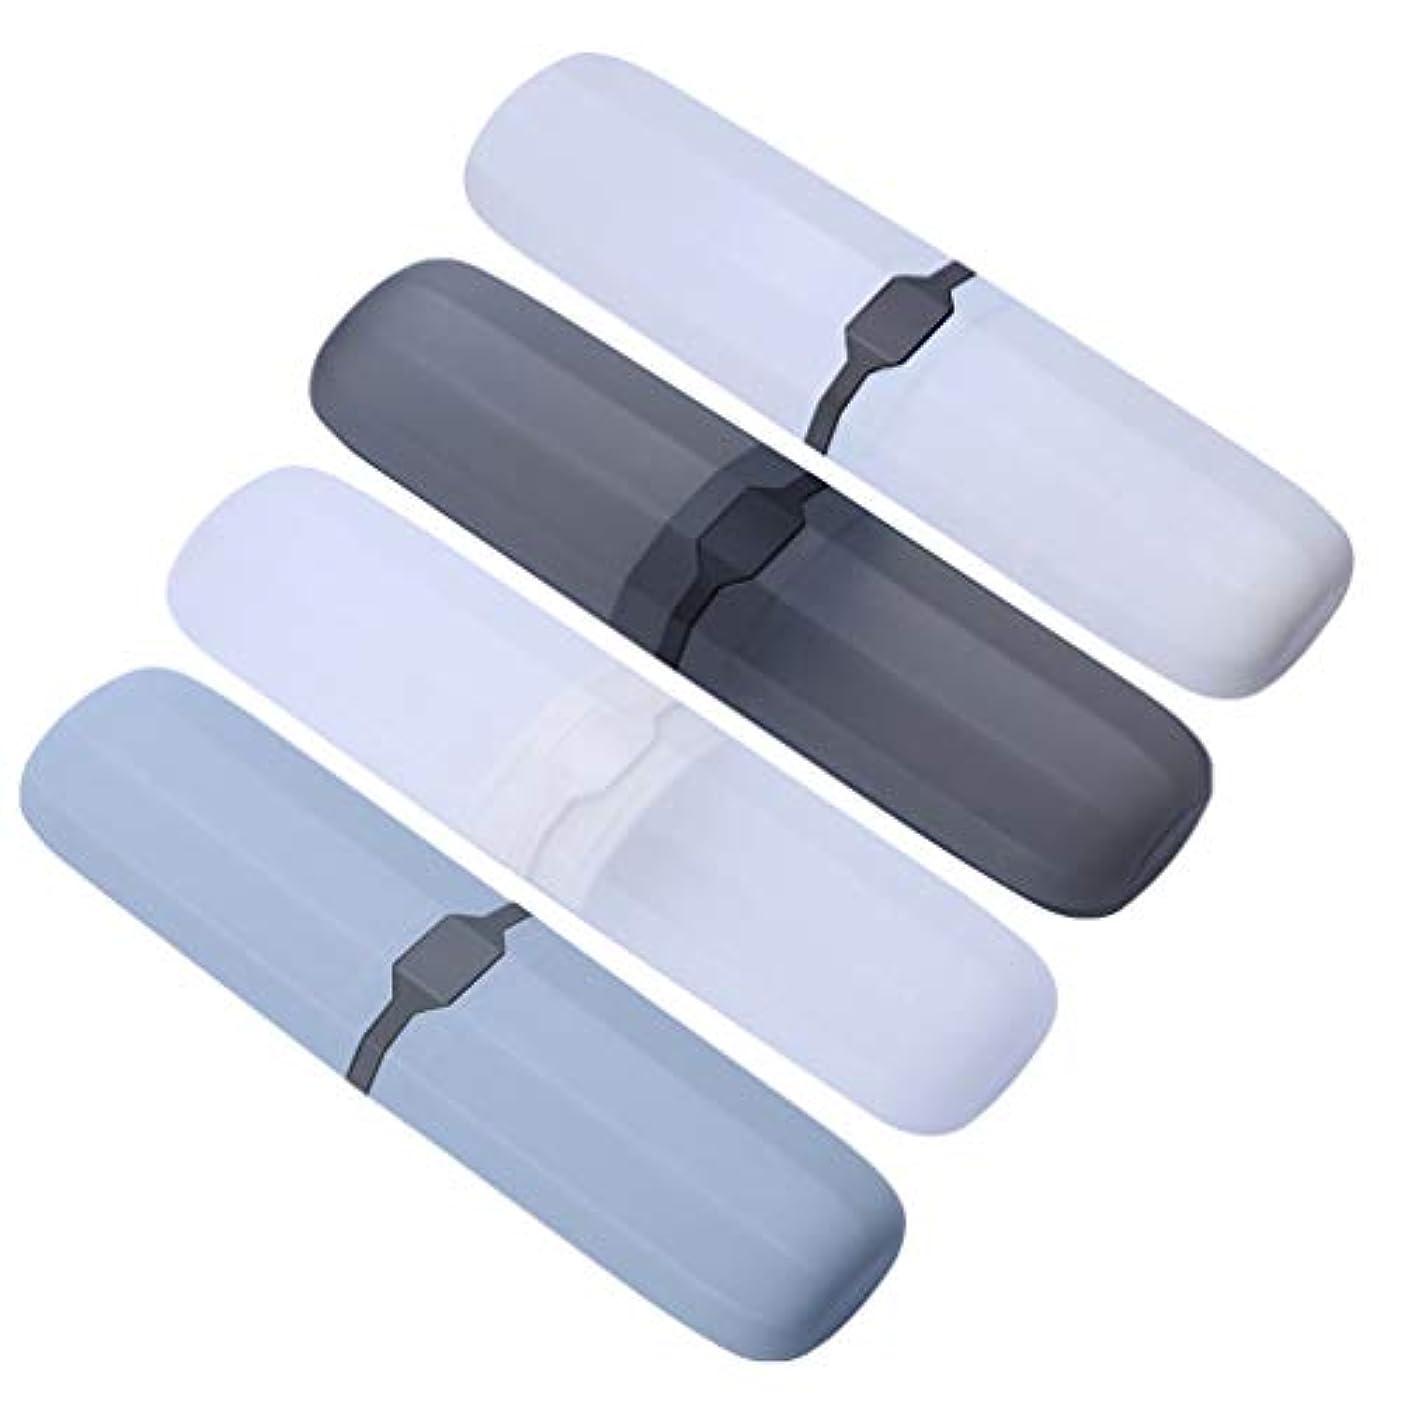 アサーフィードバックアンペアHealifty Toothbrush Case Portable Toothpaste Storage Box for Travel 4PCS